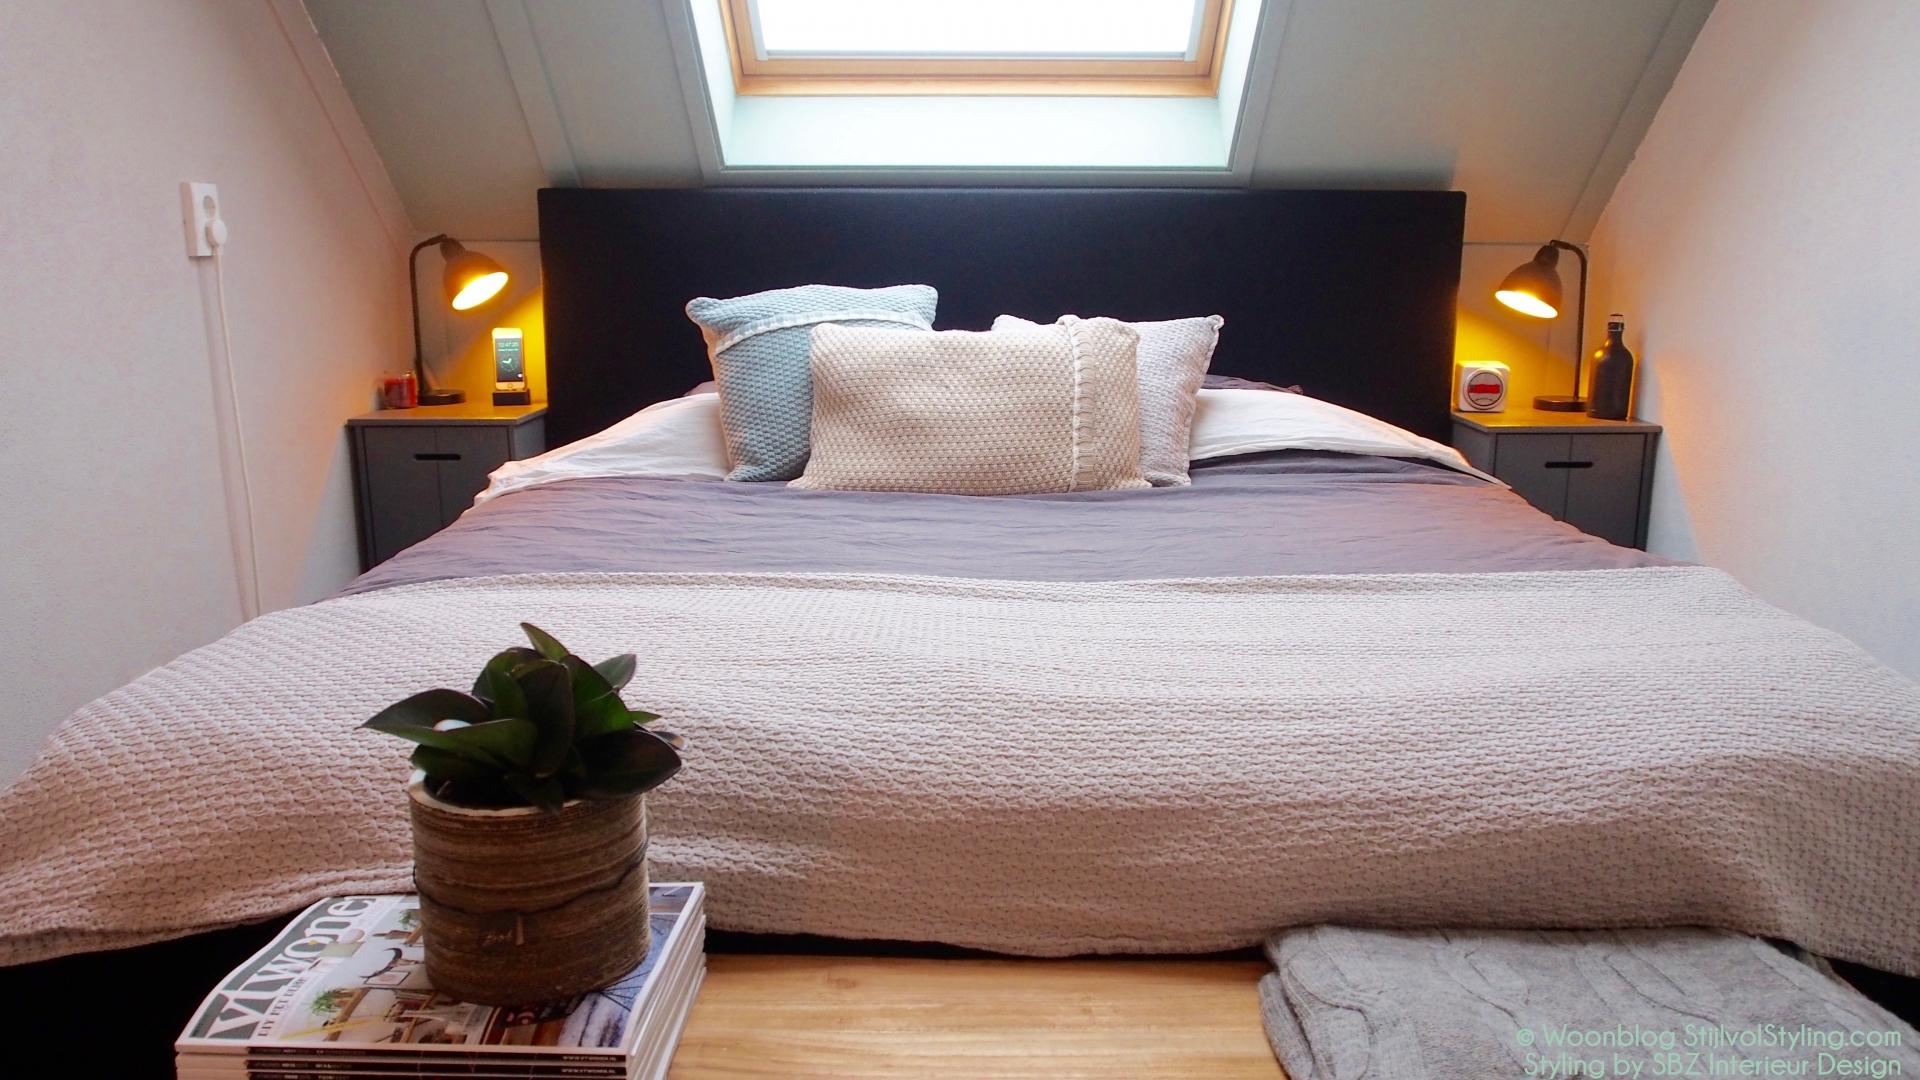 Binnenkijken | Bij blogger & interieur stylist Susanne - Woonblog Stijlvol Styling.com | Styling door sbzinterieurdesign.nl